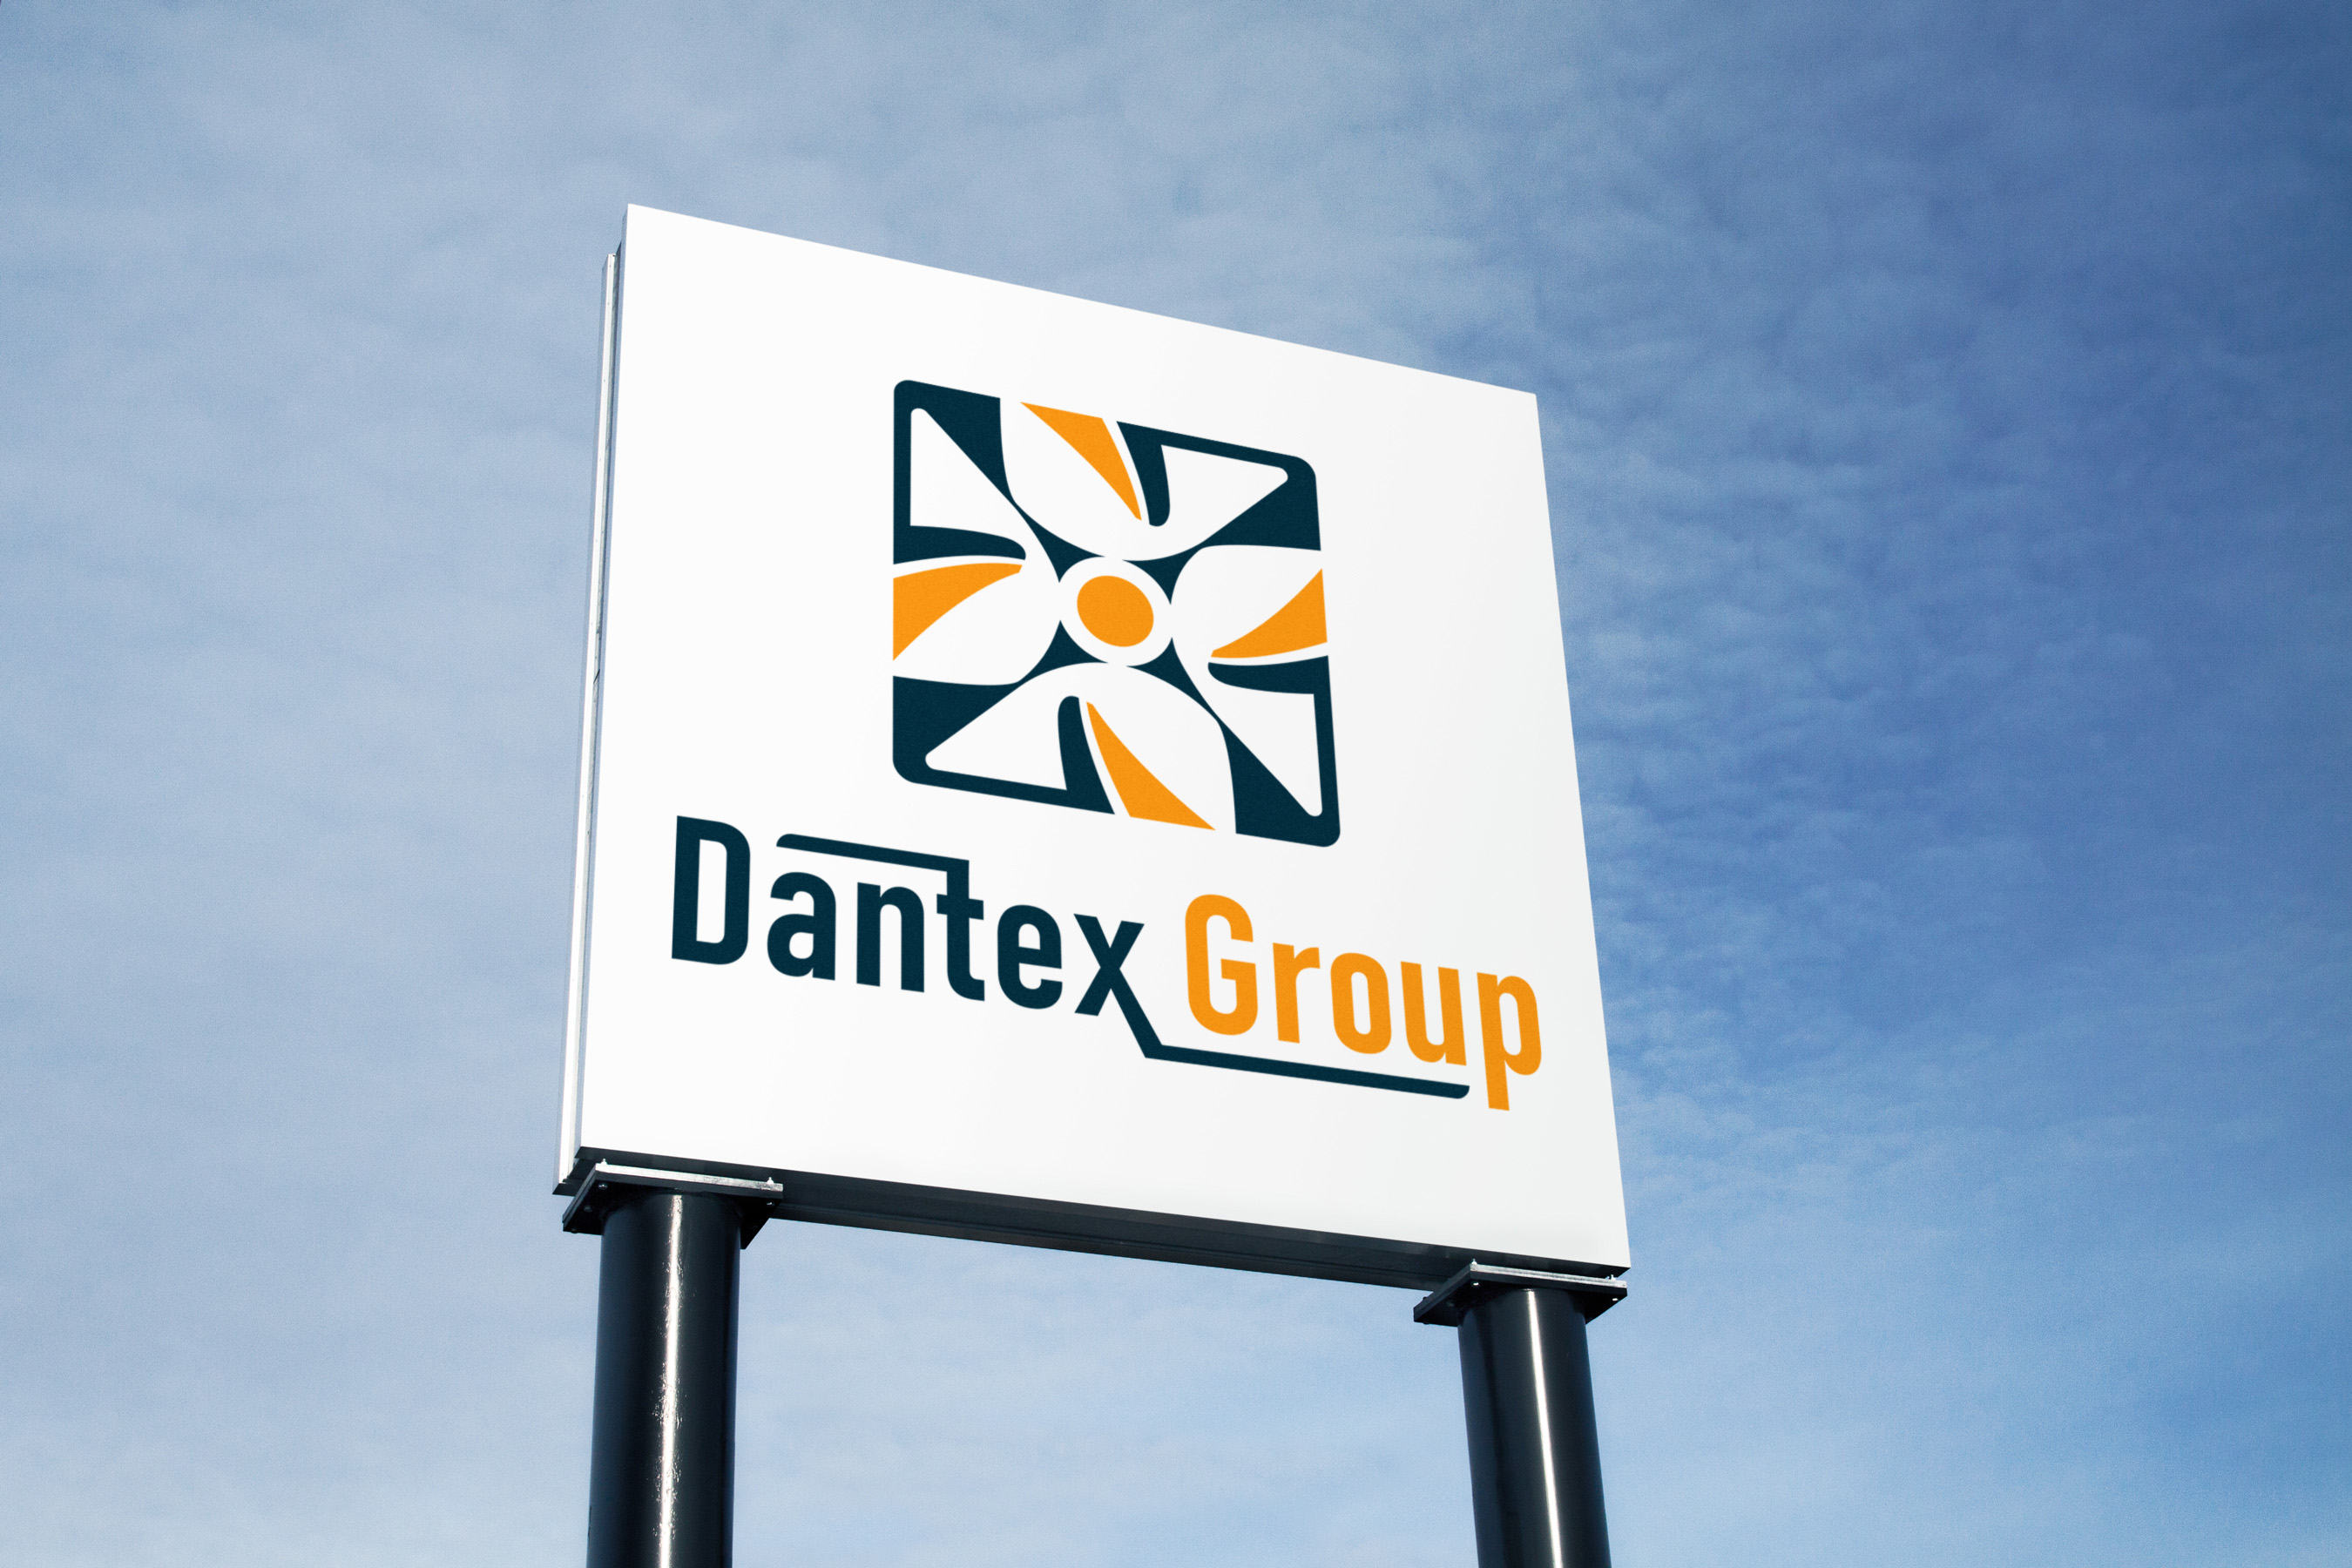 Конкурс на разработку логотипа для компании Dantex Group  фото f_4705c0bb3347b97e.jpg